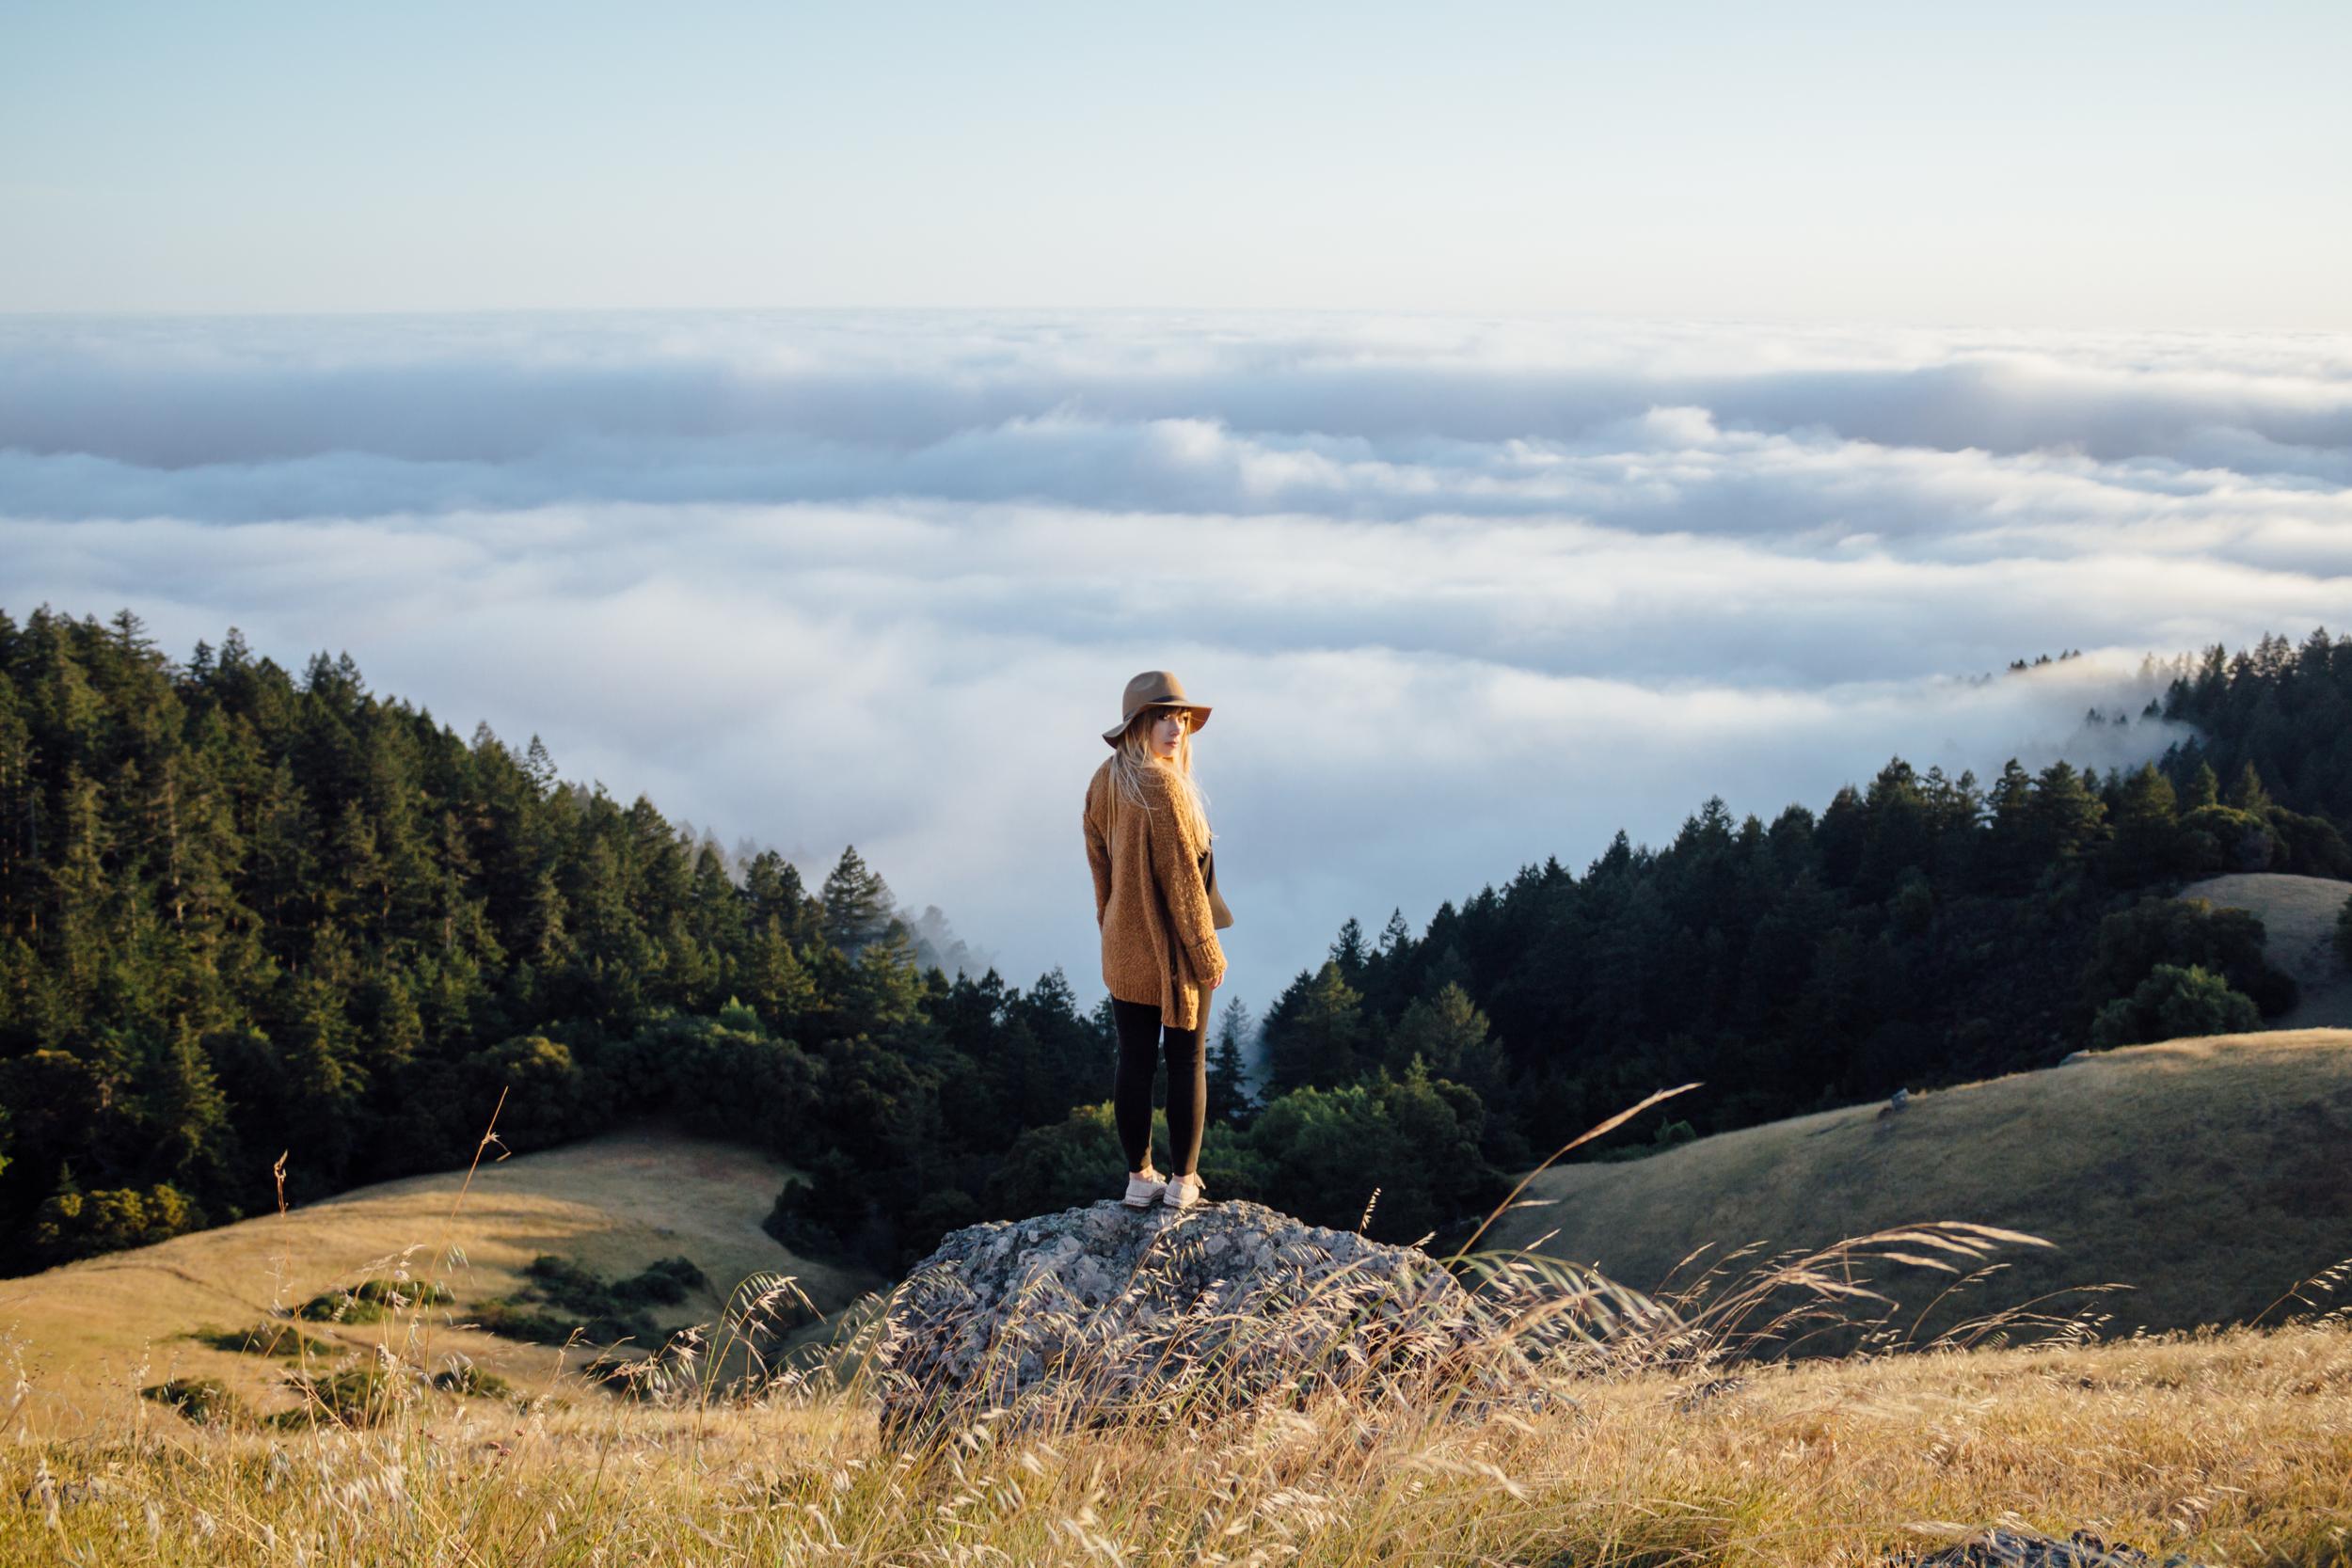 Kate Davison (@katedavison) in Mount Tam by Catherine Alyce